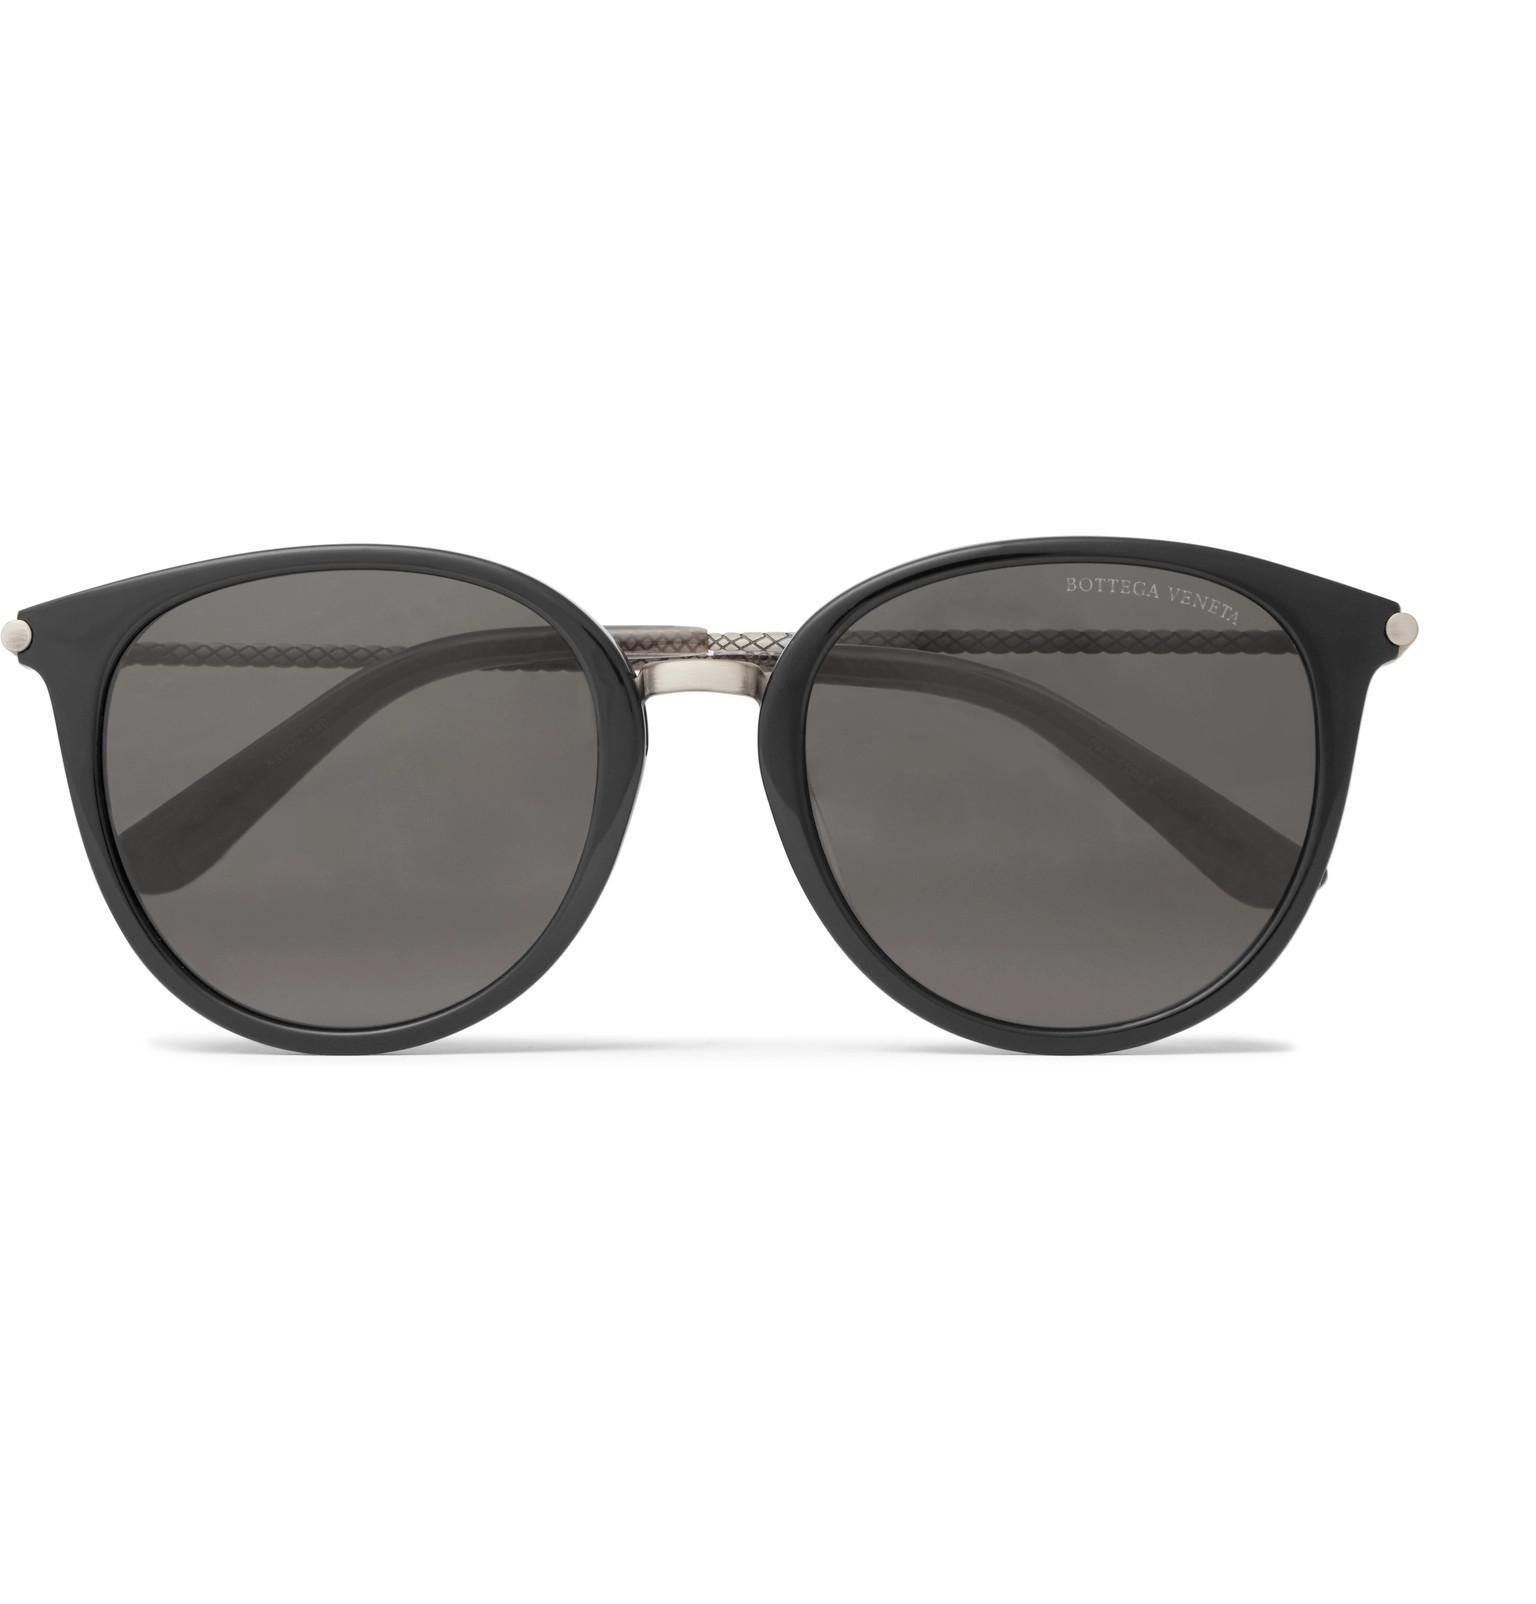 Bottega Veneta Square-frame Tortoiseshell Matte-acetate And Gunmetal-tone Sunglasses - Tortoiseshell XqX4GAL2j